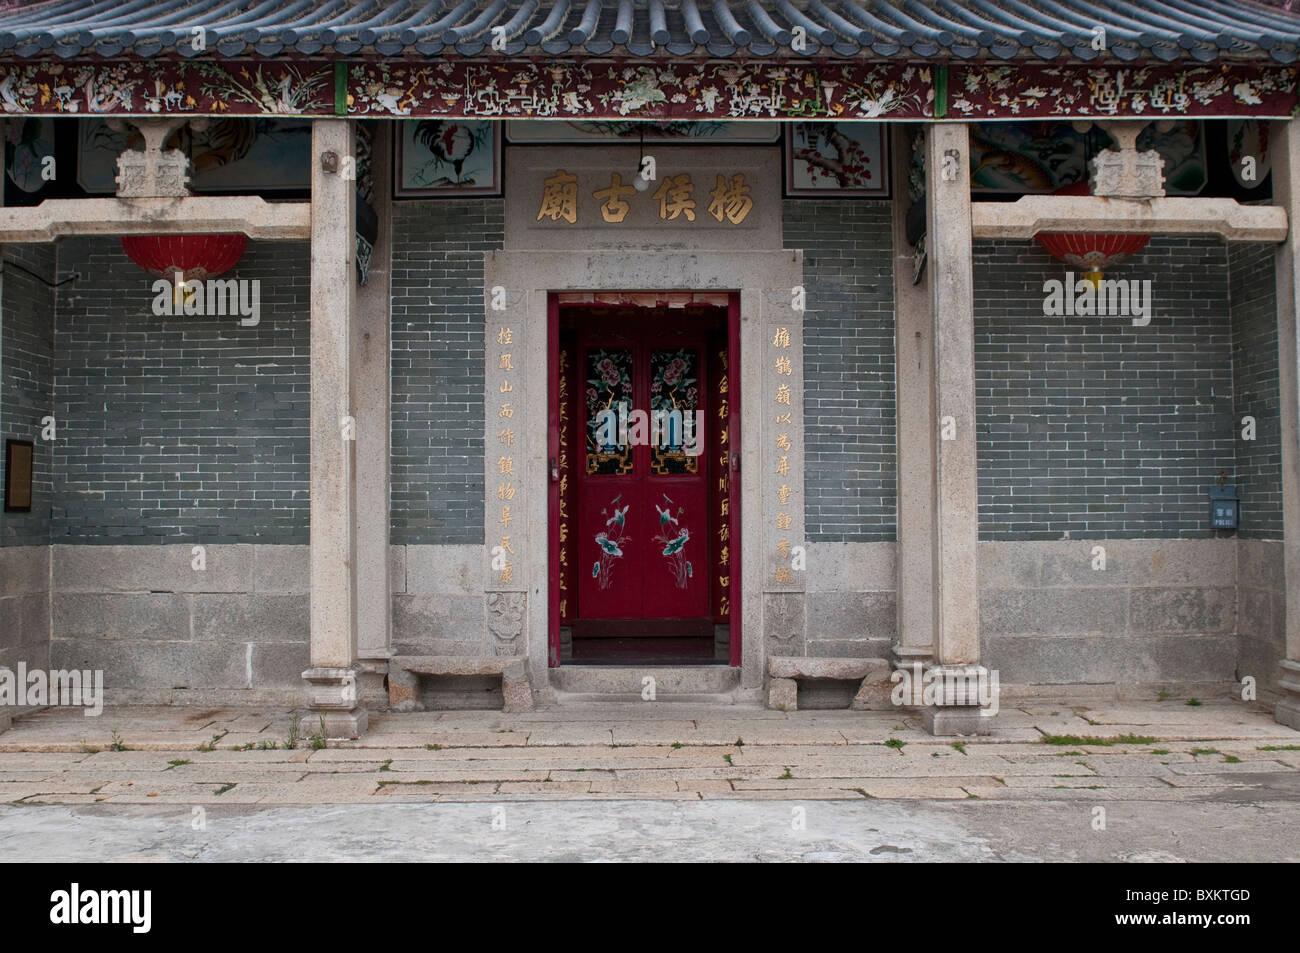 Temple, Lantau island, Hong Kong, China - Stock Image